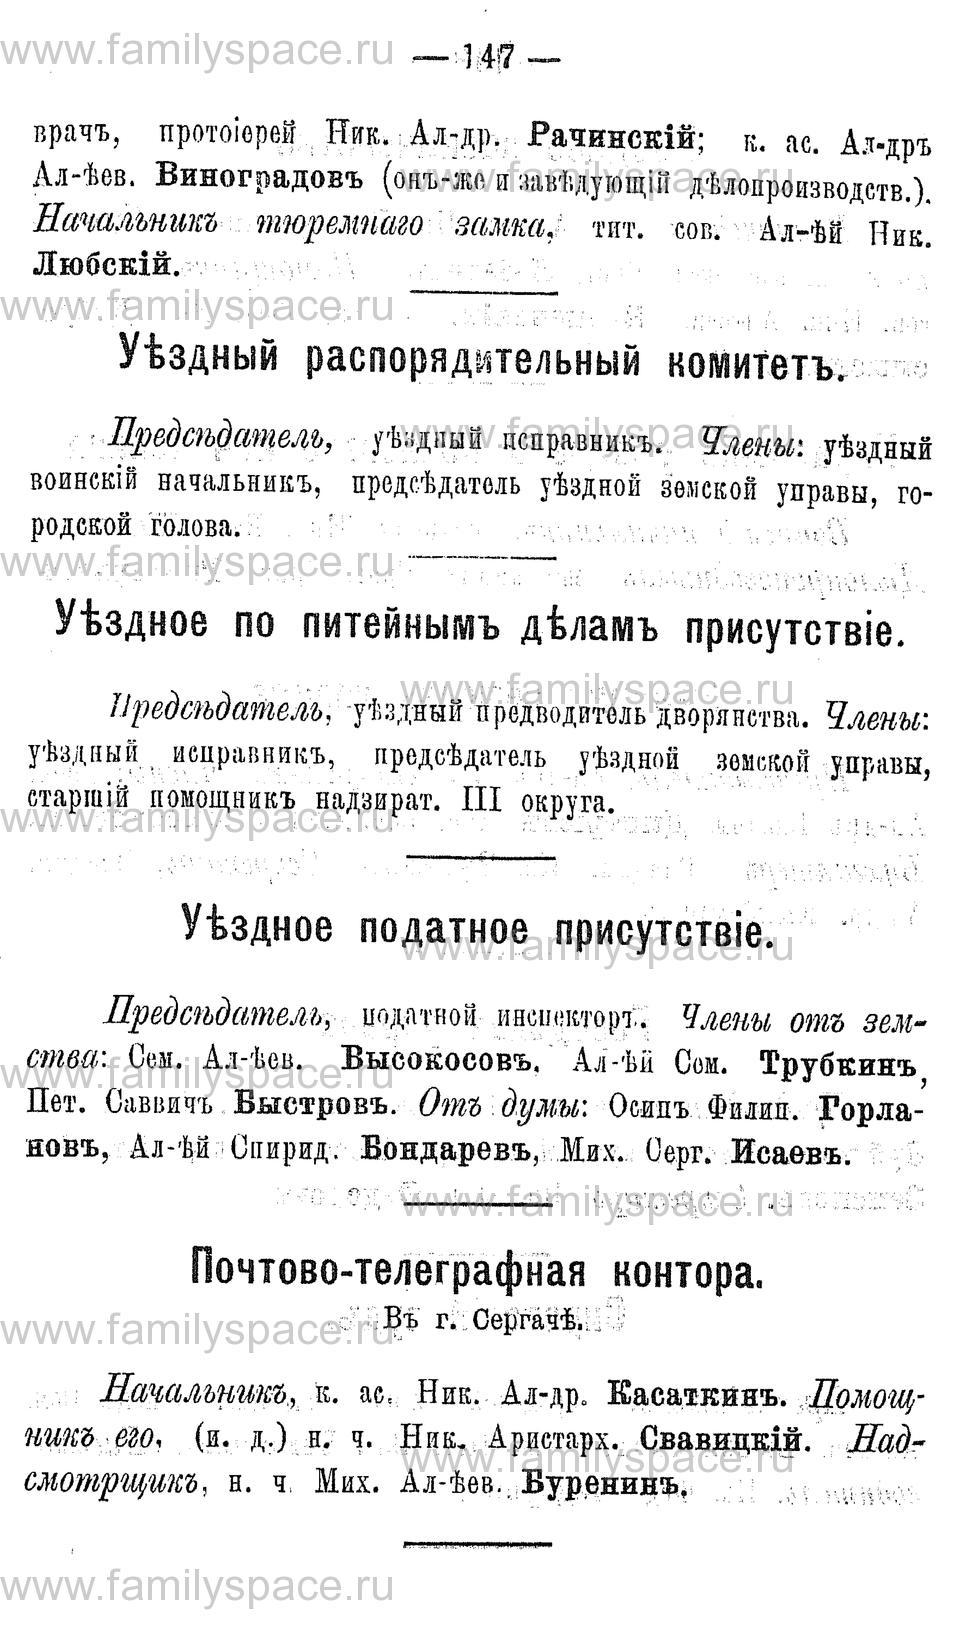 Поиск по фамилии - Адрес-календарь Нижегородской губернии на 1891 год, страница 147